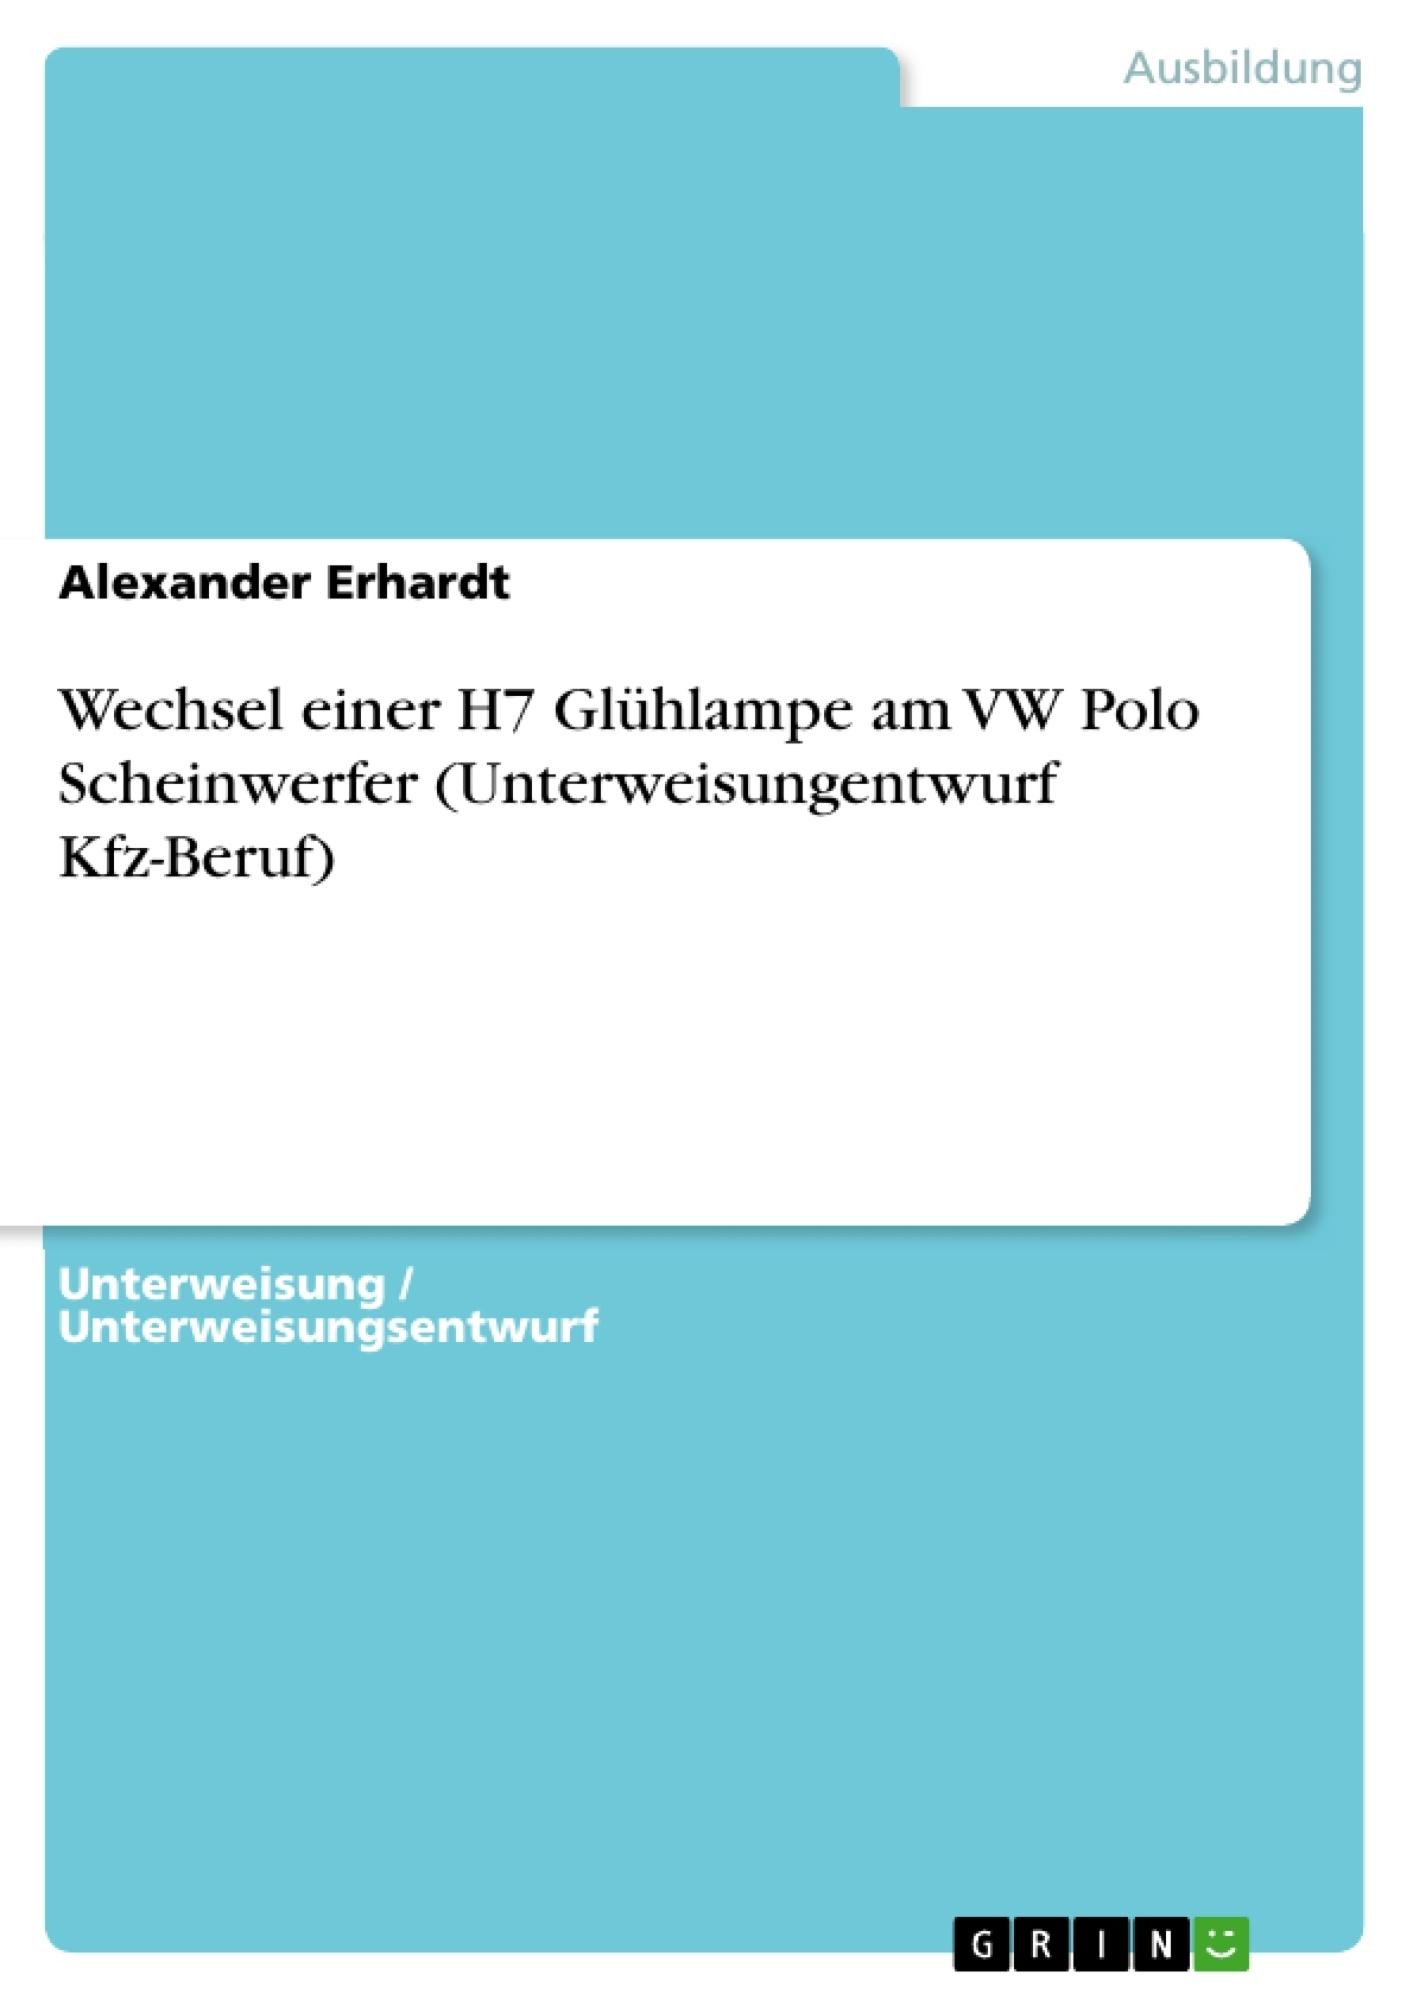 Titel: Wechsel einer H7 Glühlampe am VW Polo Scheinwerfer (Unterweisungentwurf Kfz-Beruf)